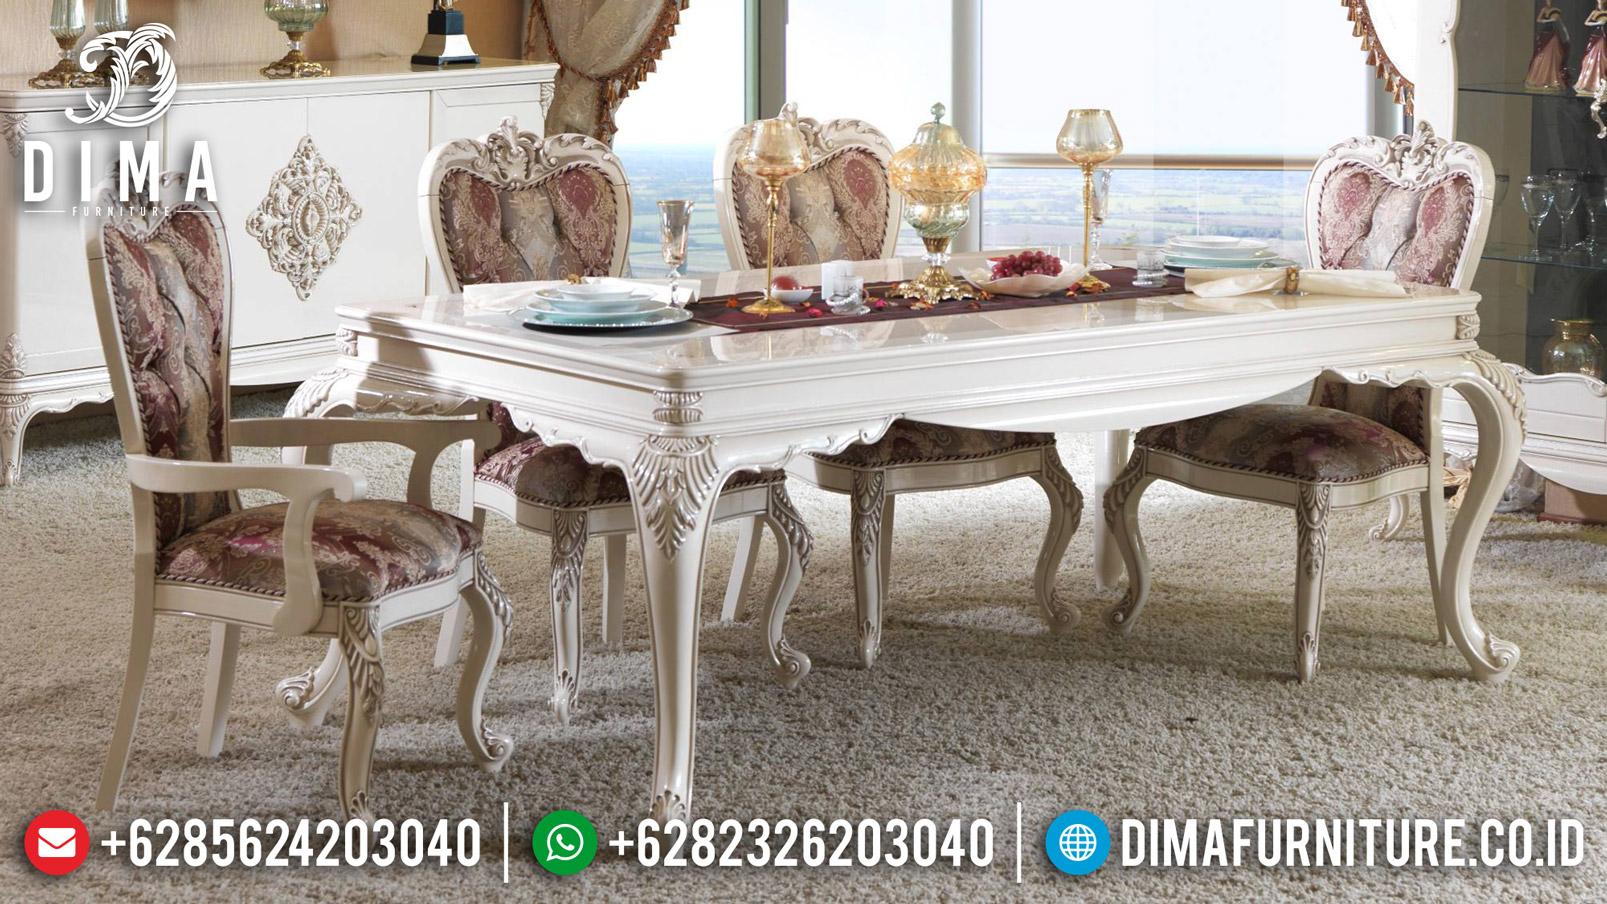 Beli Meja Makan Jepara Mewah Minimalis Ukir Koltuk DF-0901